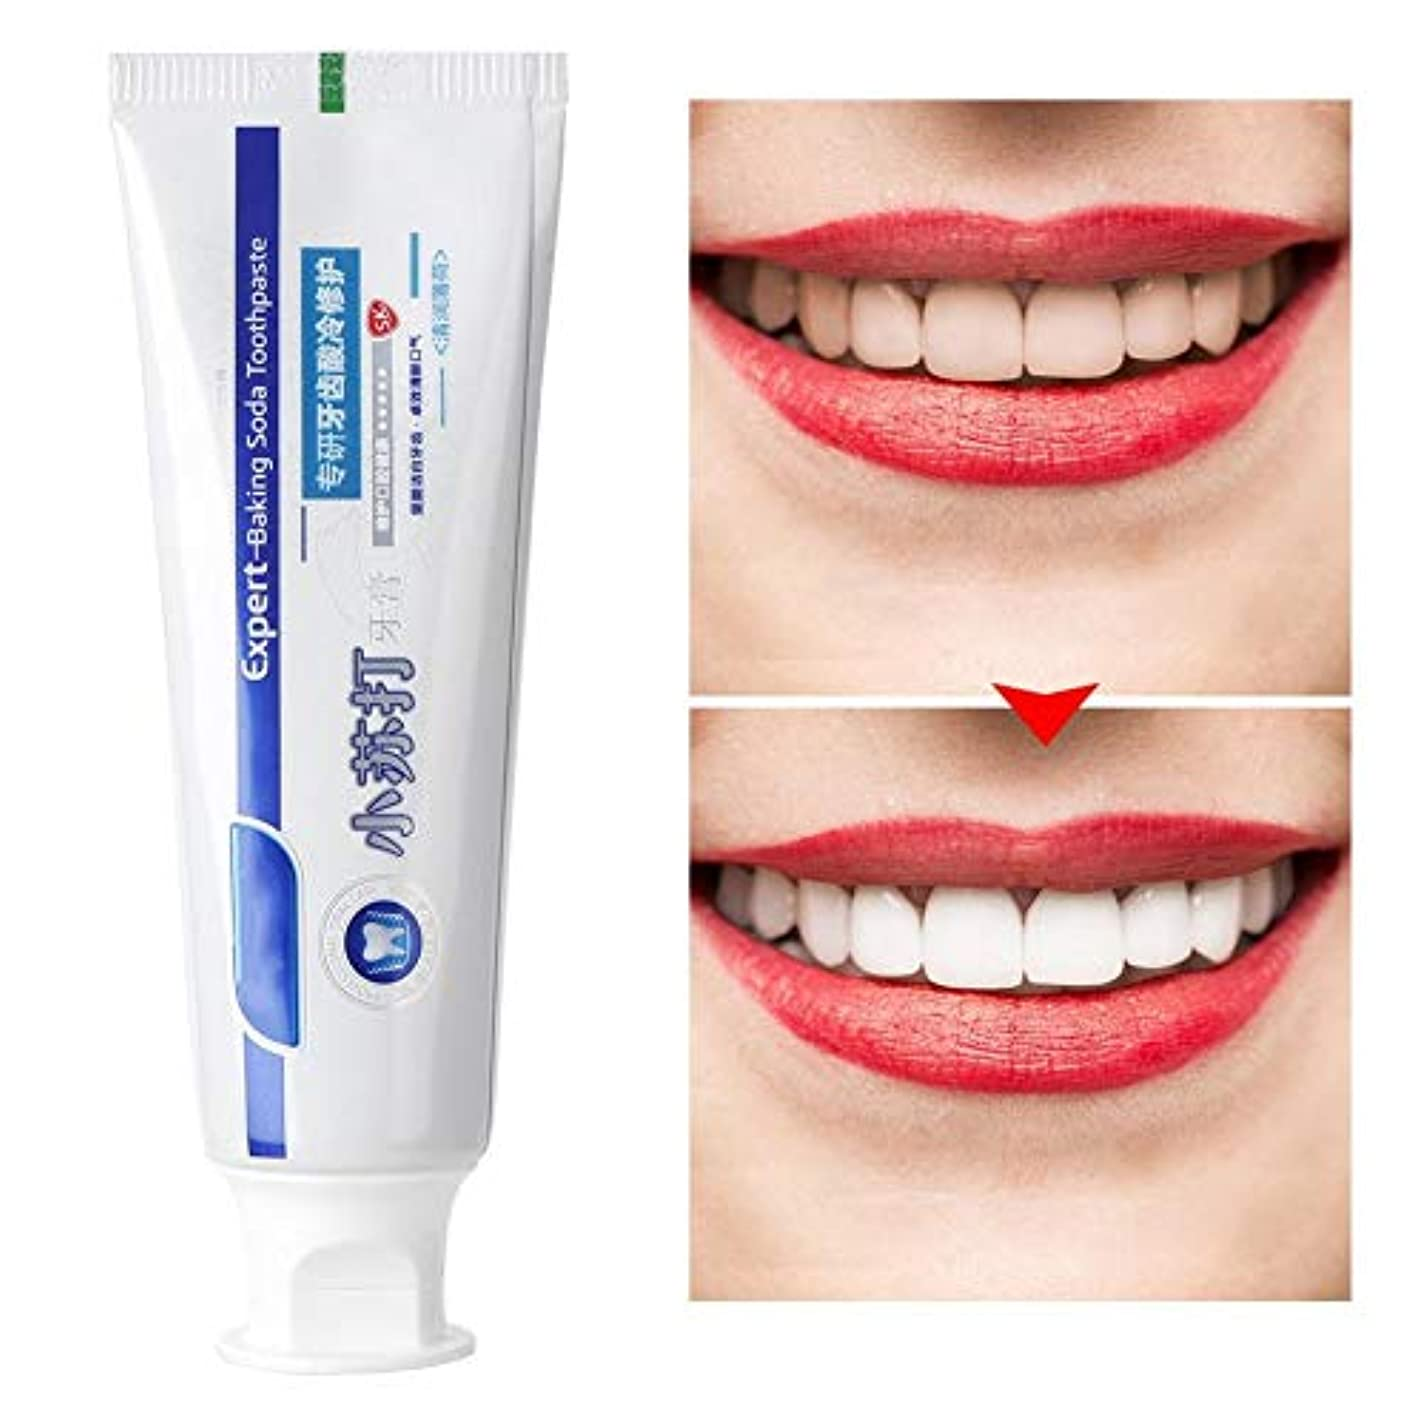 細断舌お嬢歯磨き粉、さわやかなミントを白くする重曹の歯磨き粉歯磨き粉オーラルケアツール100g(クリアミント)